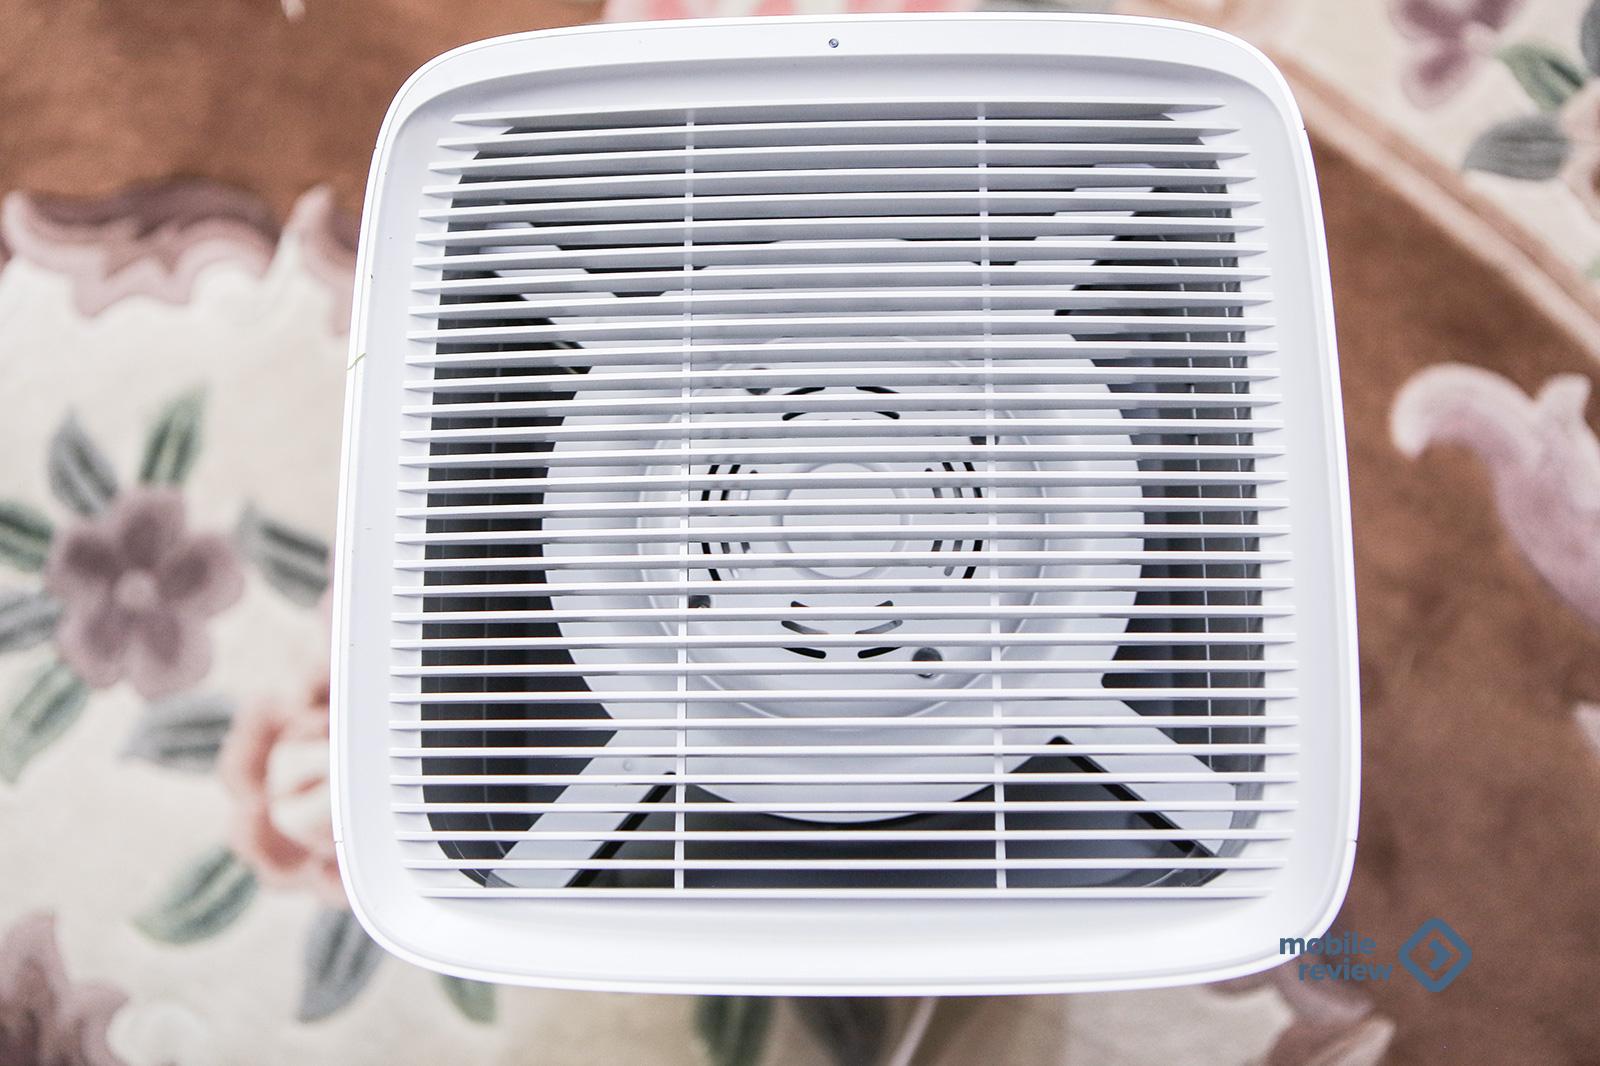 Обзор очистителя воздуха Viomi Smart Air Purifier Pro (VXKJ03)